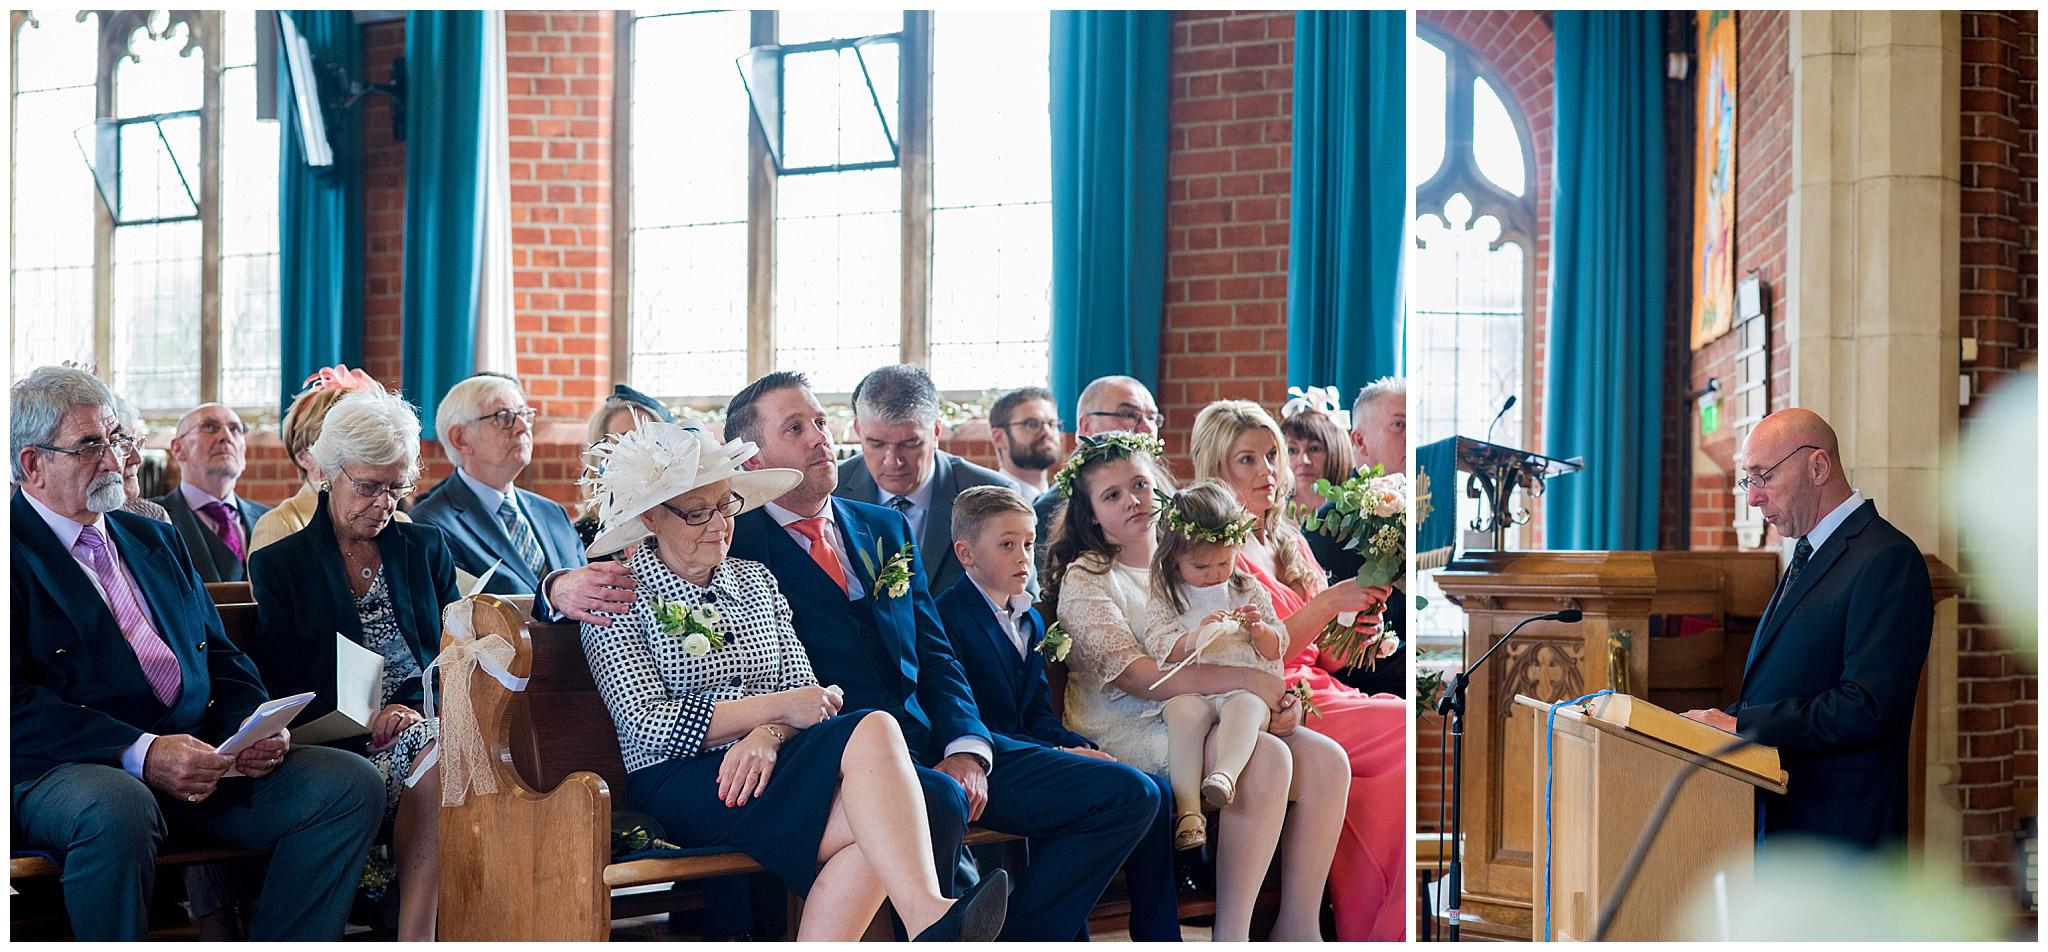 Katie-&-Steve-Victoria-Park-Methodist-Chruch-Winton-&-The-Manor-Burton-Christchurch-Wedding-22